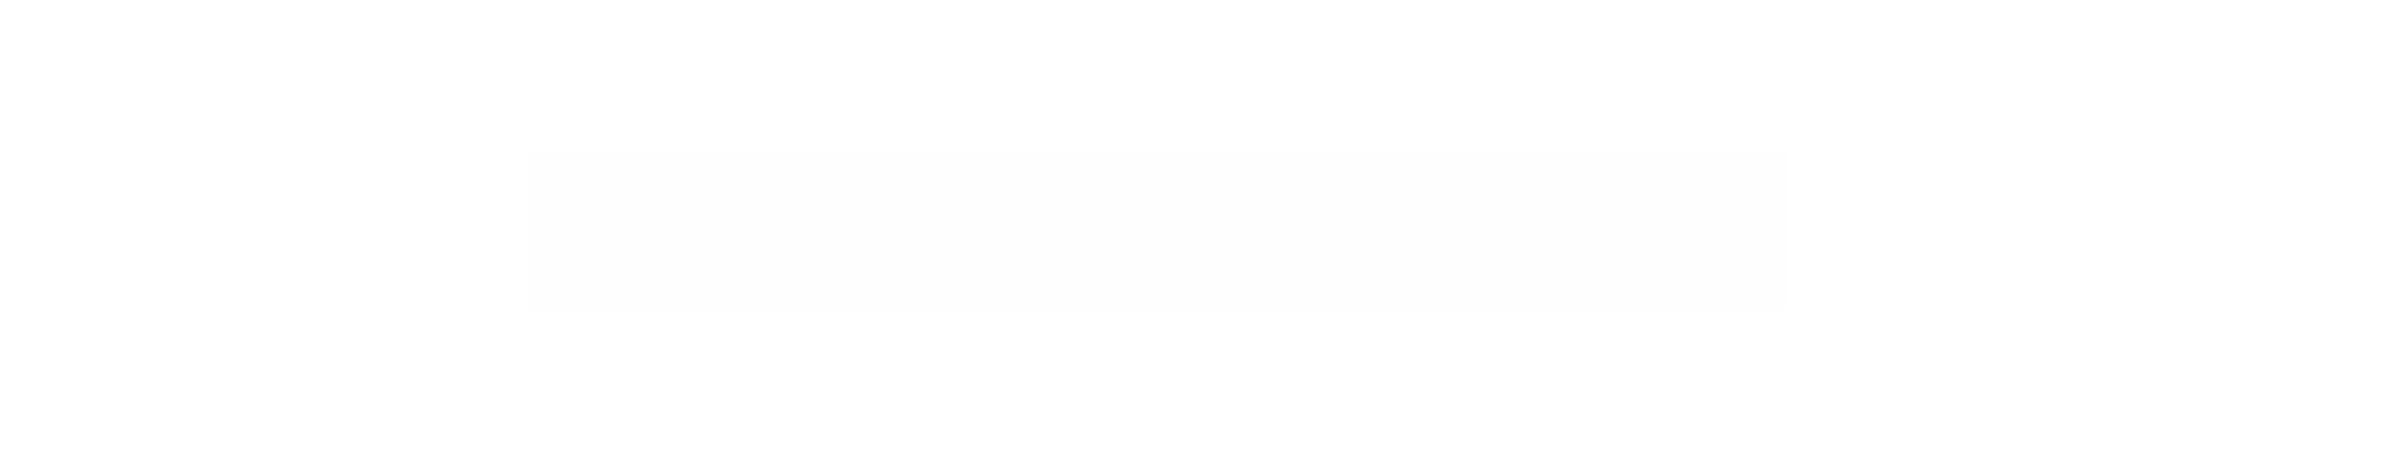 fabletics_003.png